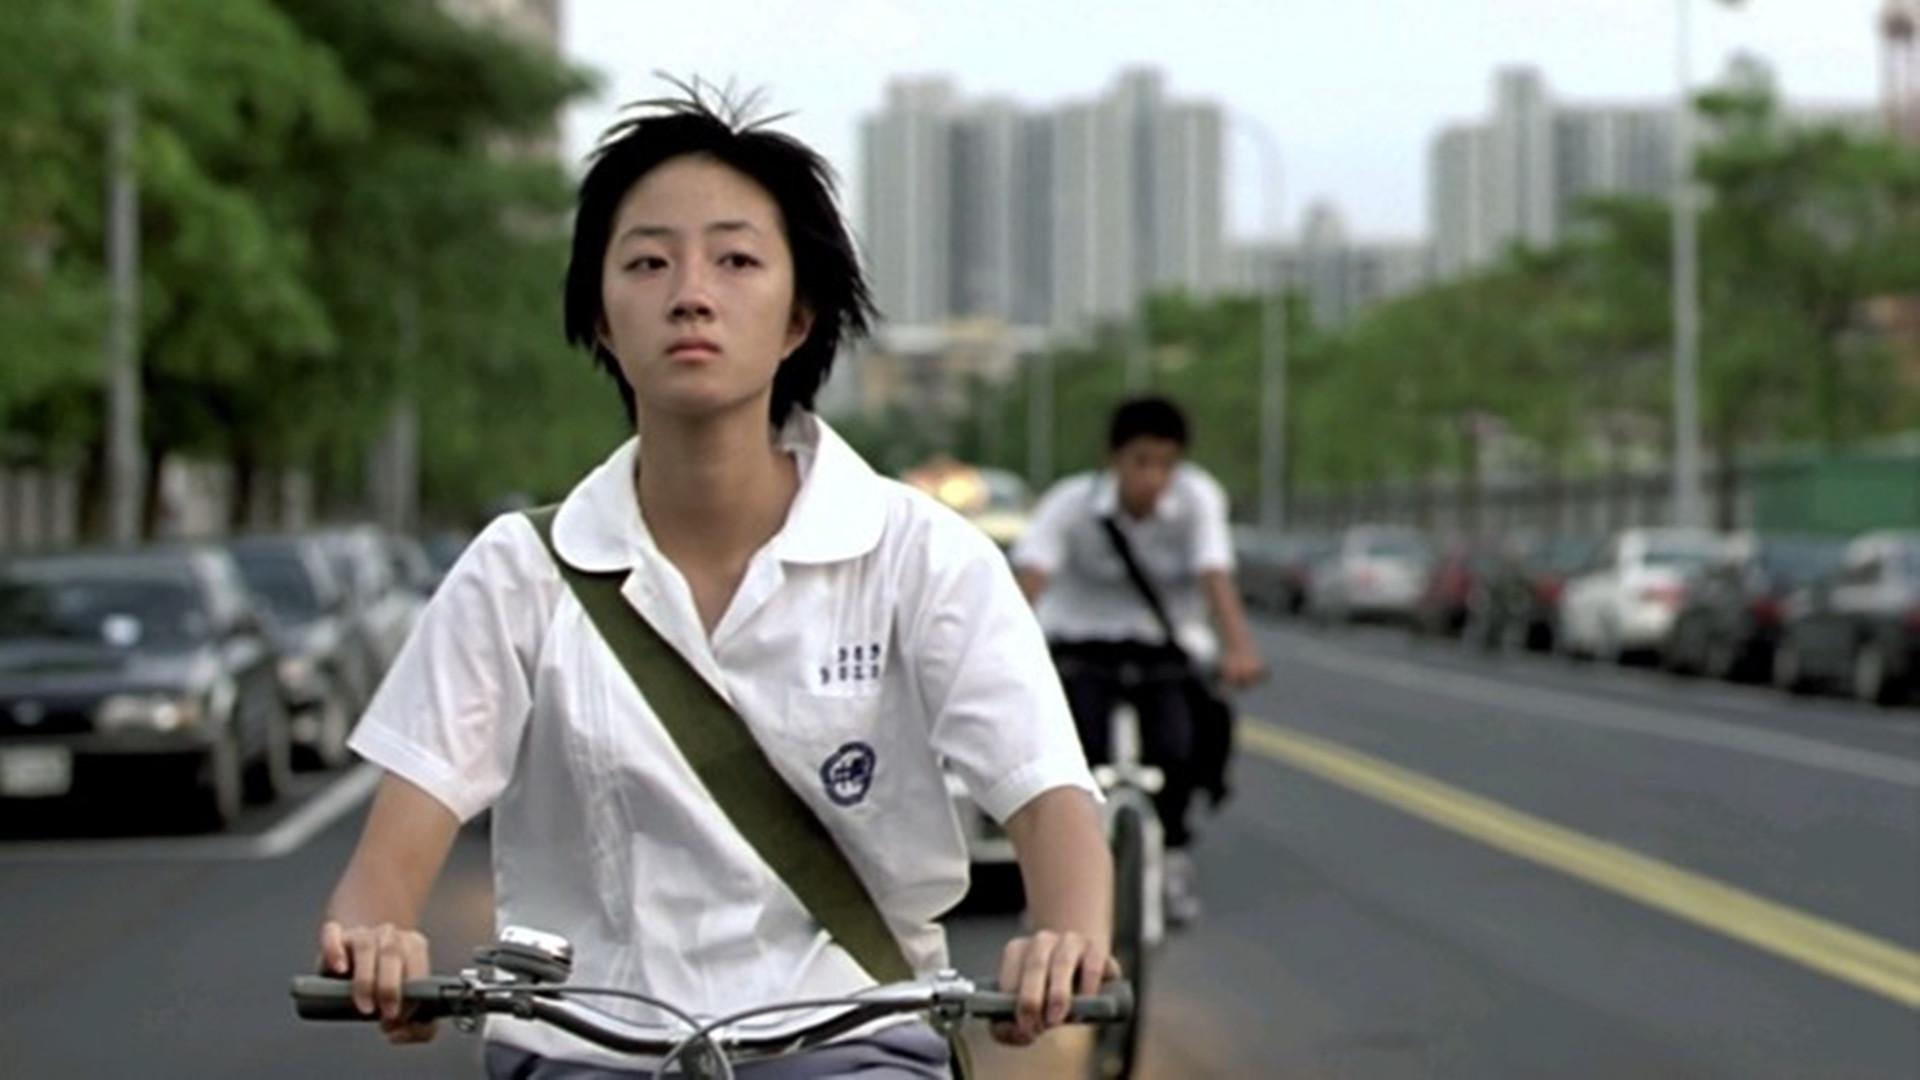 <b>七部国产爱情催泪电影,周冬雨一人占两部,泪点低的人不敢看</b>